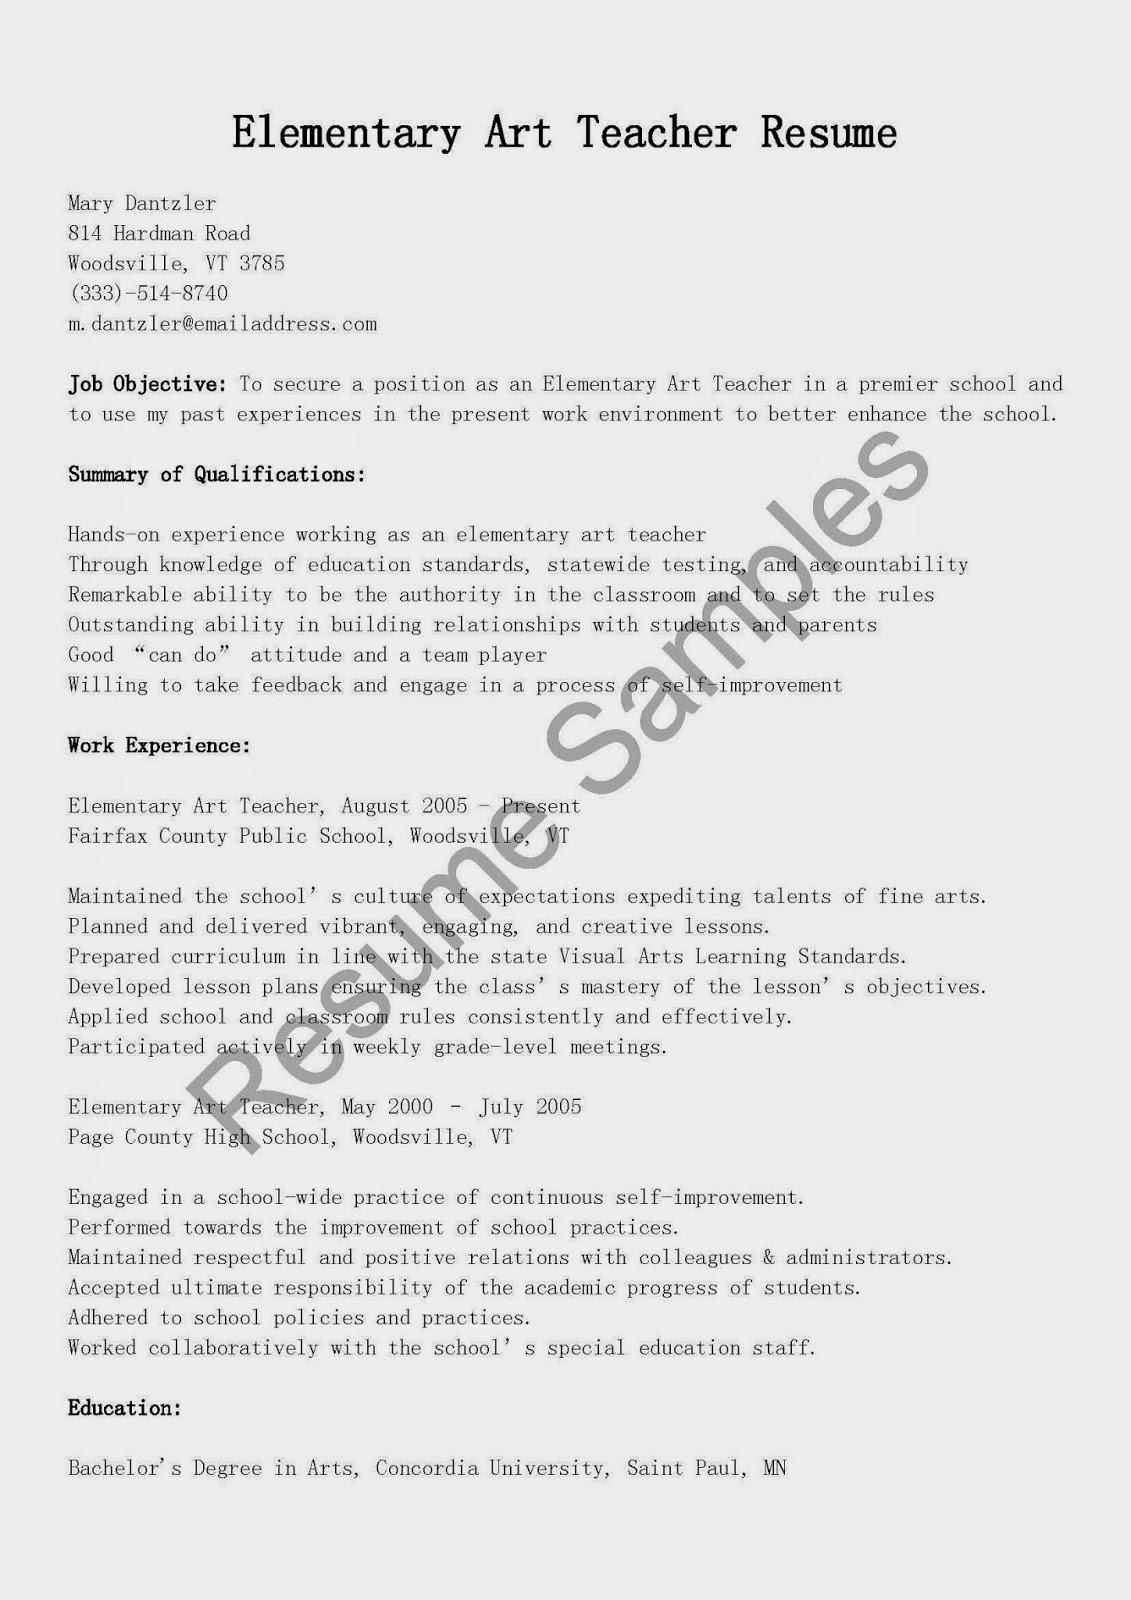 Resume Samples Elementary Art Teacher Sample